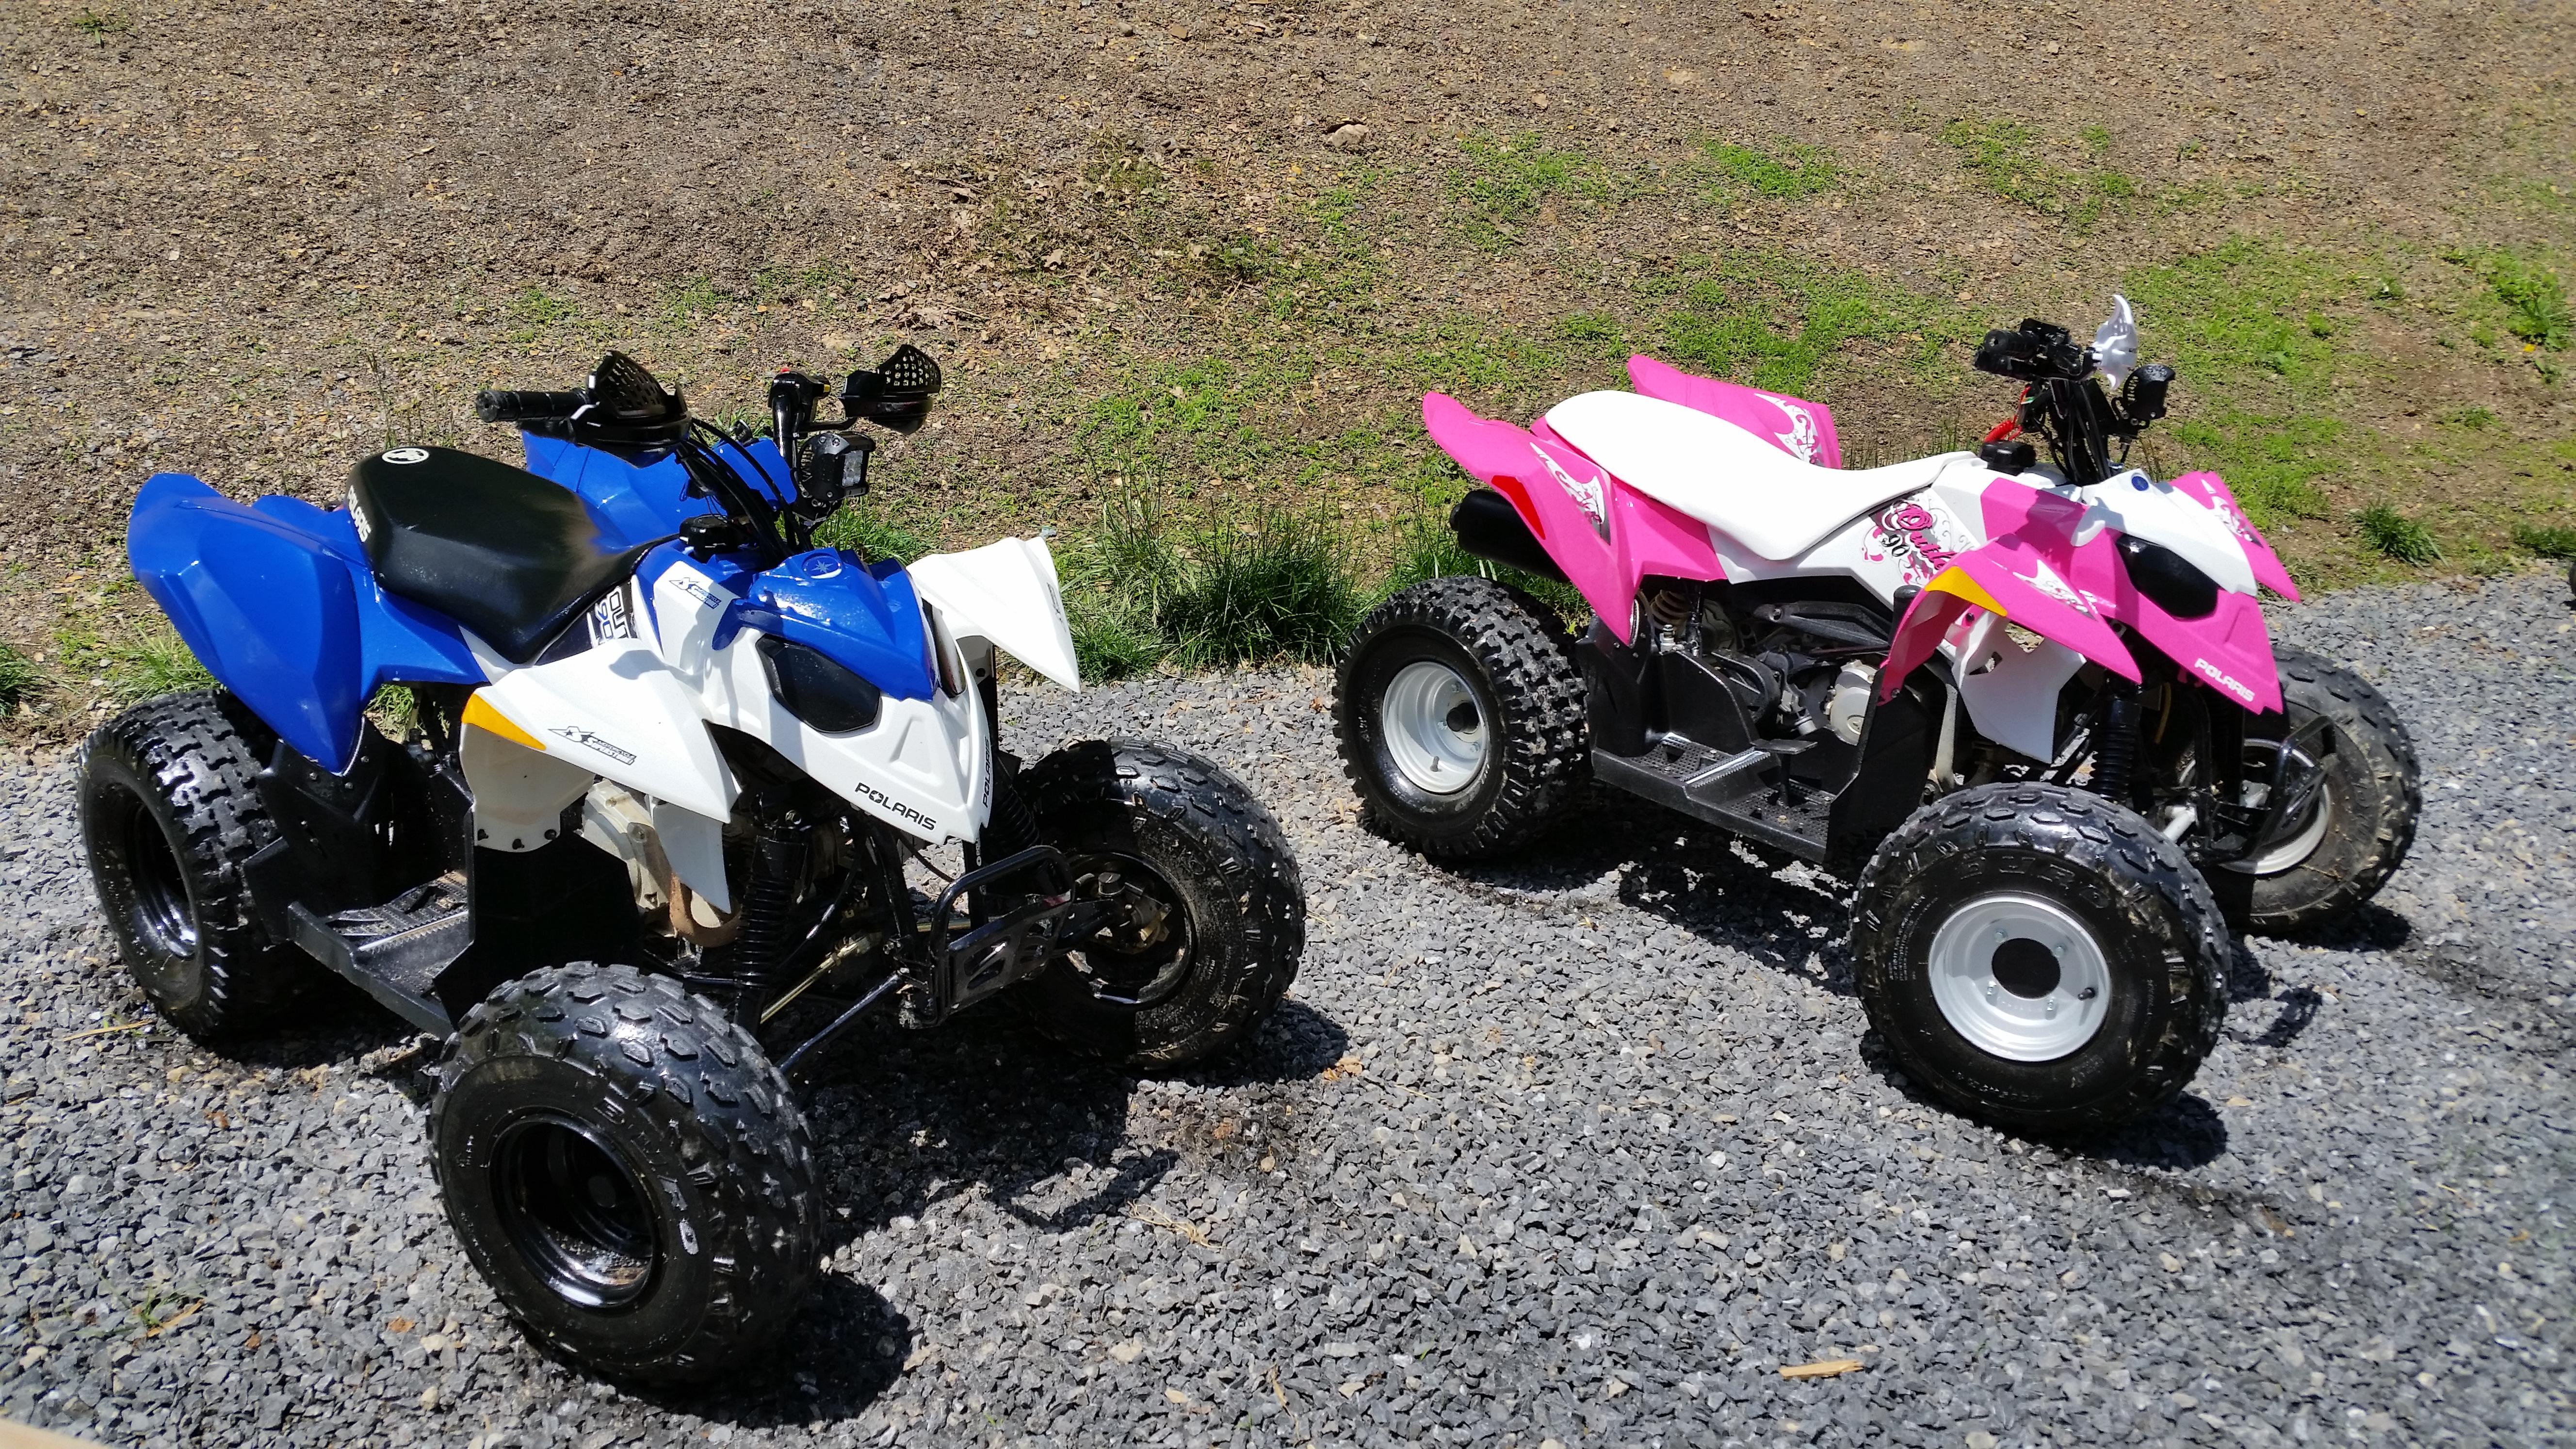 Polaris Outlaw 50 >> Custom outlaw 90s - Polaris ATV Forum